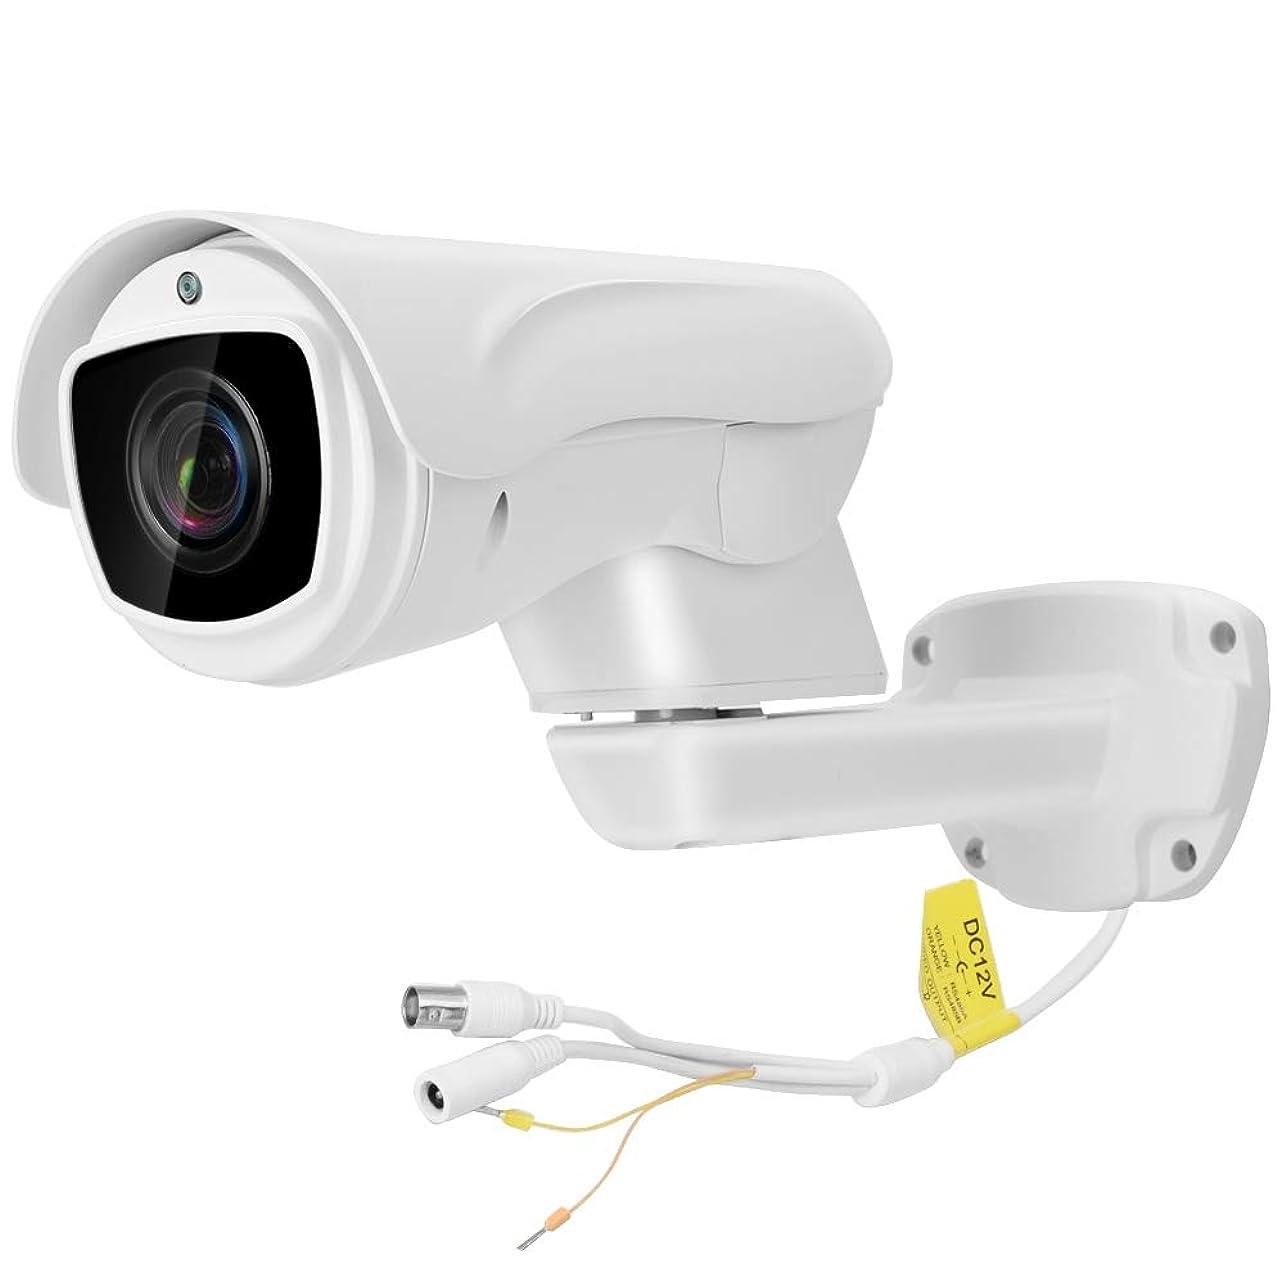 チューインガムスチュアート島依存するネットワークカメラ 1080P HDカメラ IR夜間視界 ホームセキュリティーシステム 2MP防水 弾丸屋外IP カメラ